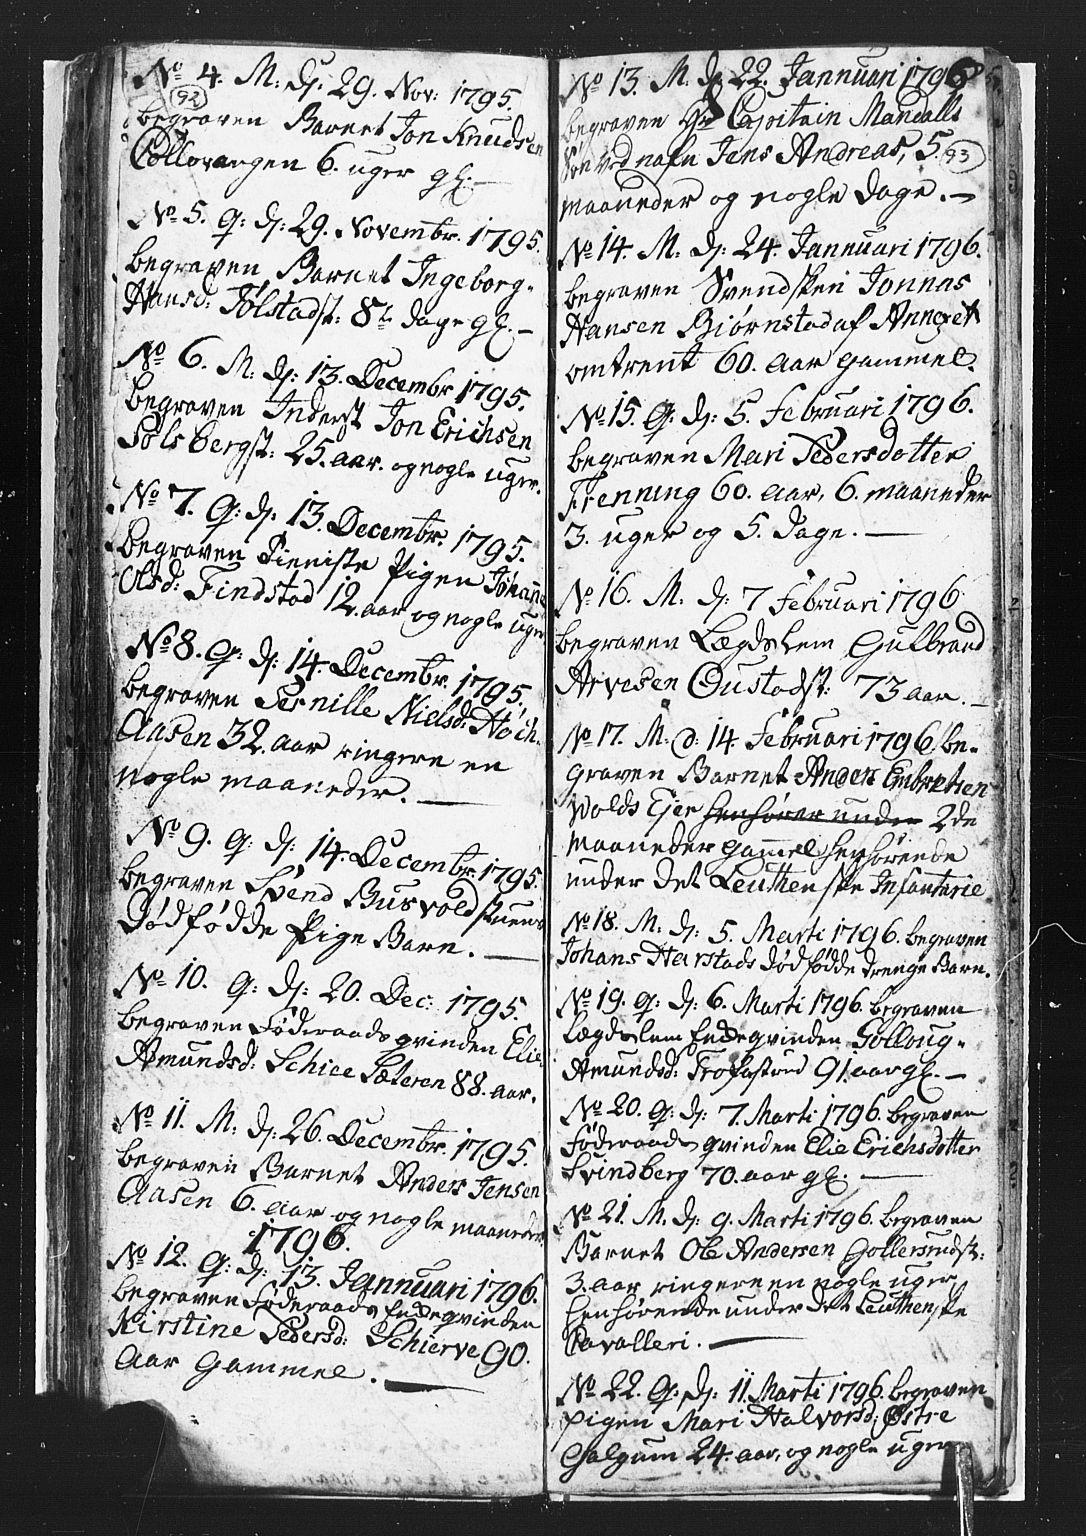 SAH, Romedal prestekontor, L/L0002: Klokkerbok nr. 2, 1795-1800, s. 92-93